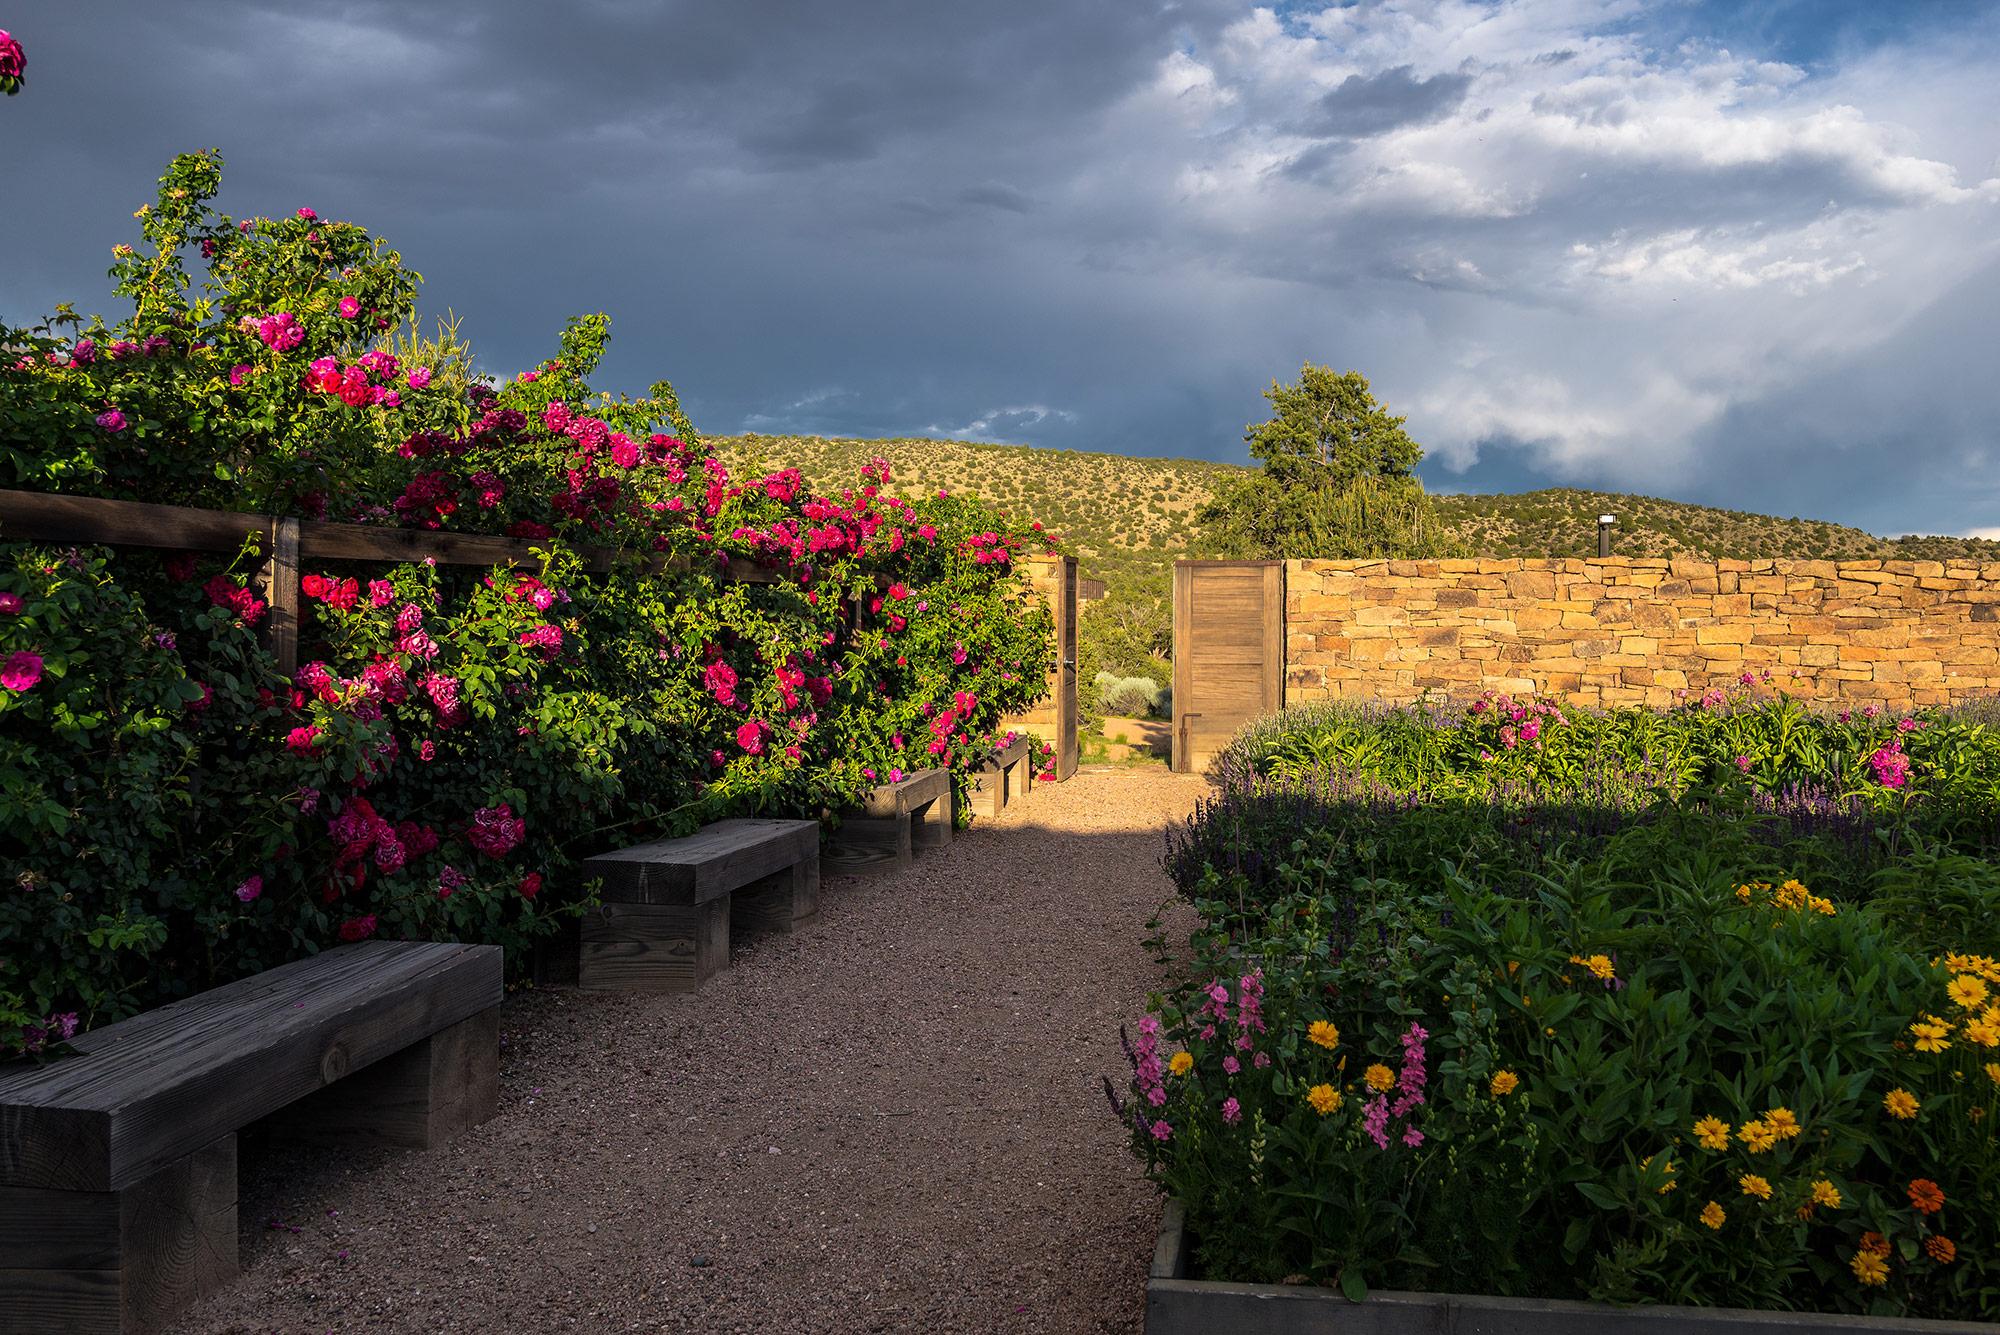 Binnenkijken in de adembenemende ranch van Tom Ford - 13